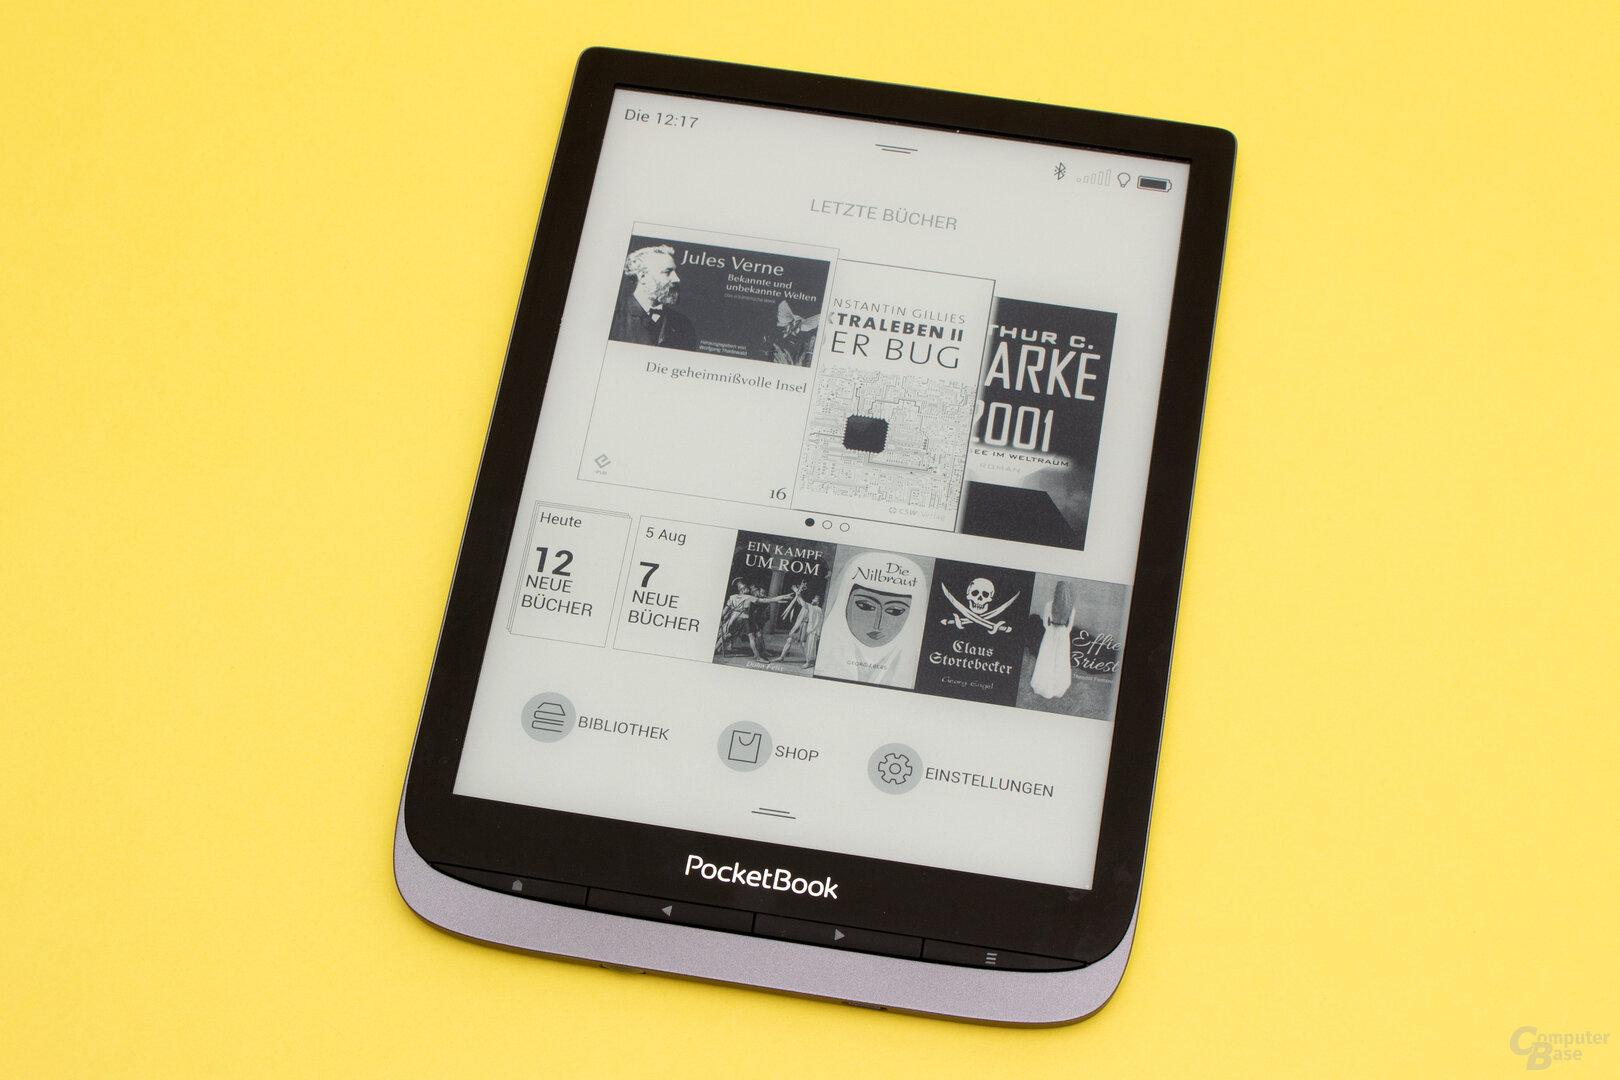 Die Startseite des InkPad Pro 3